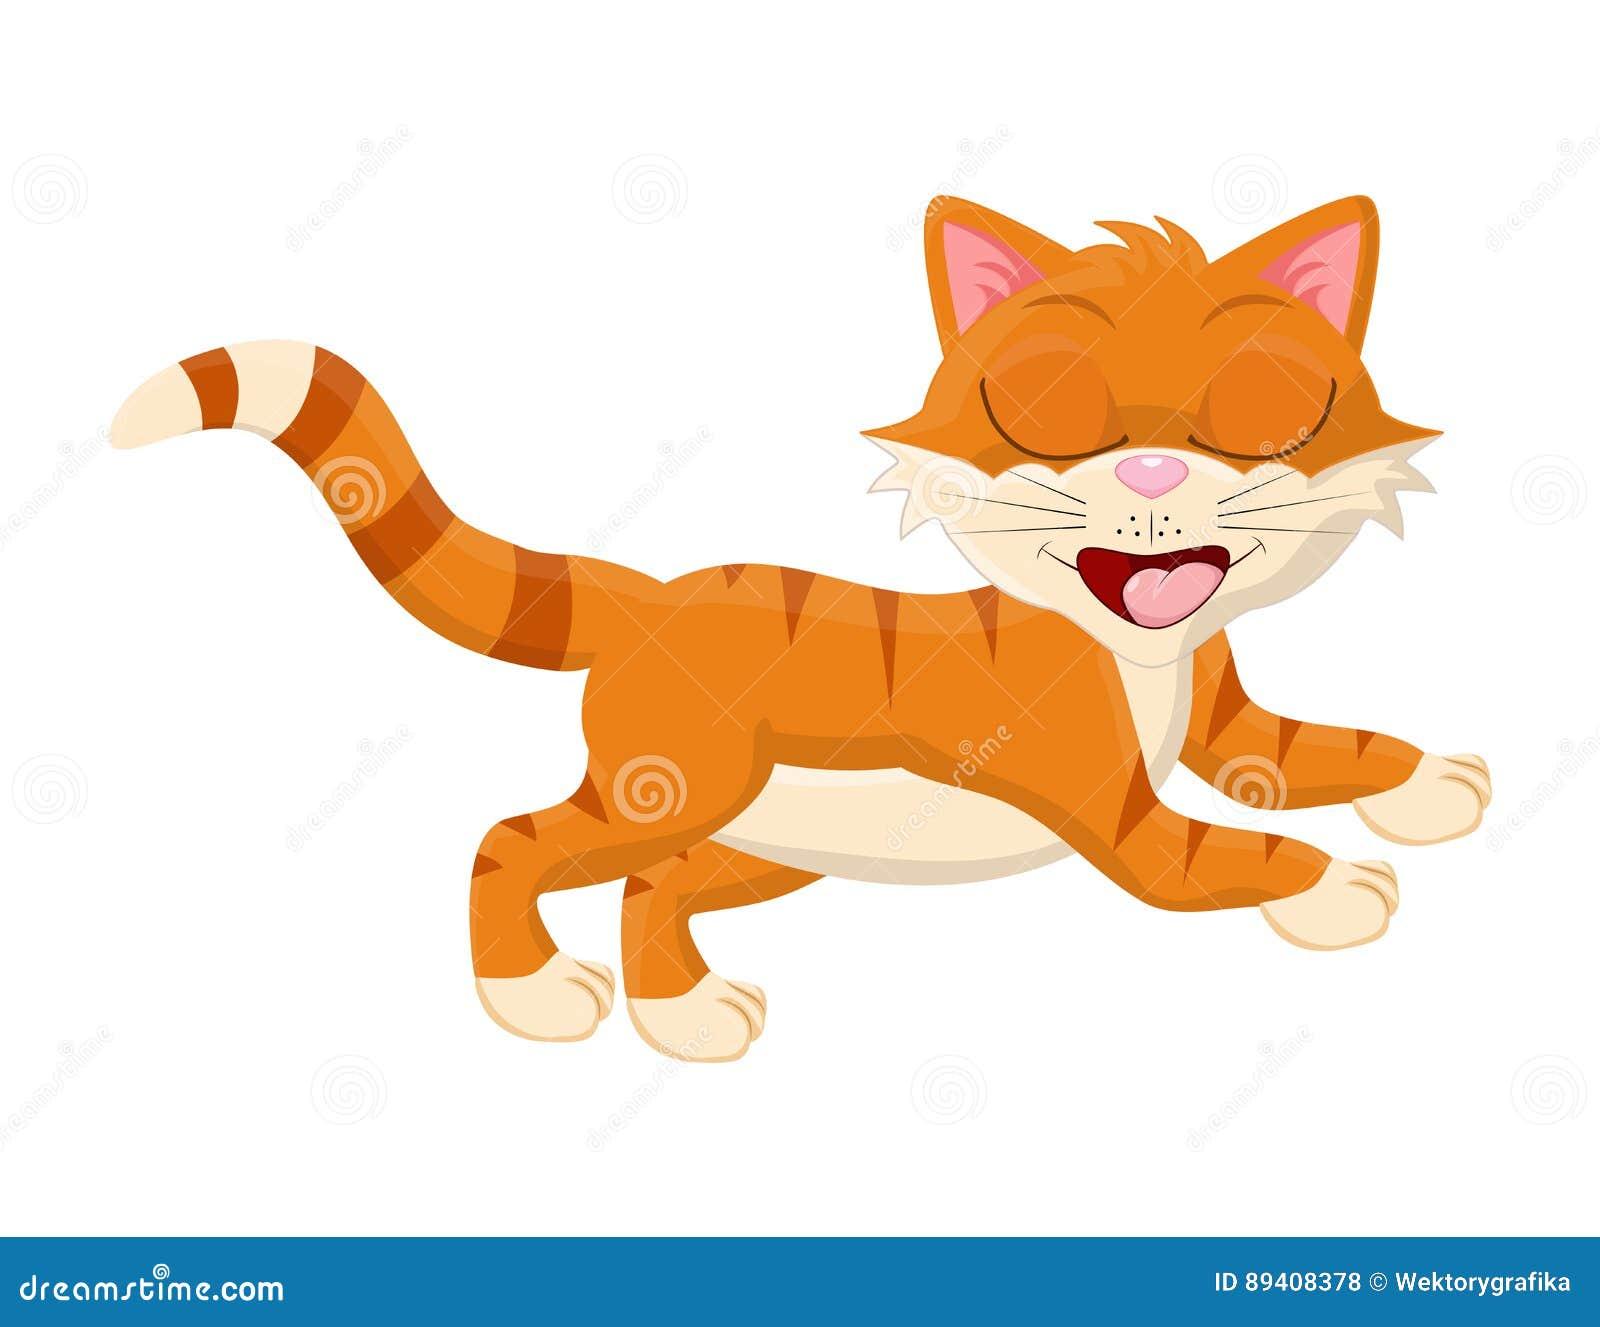 Gato dos desenhos animados com projeto fechado do ícone do símbolo do vetor dos olhos